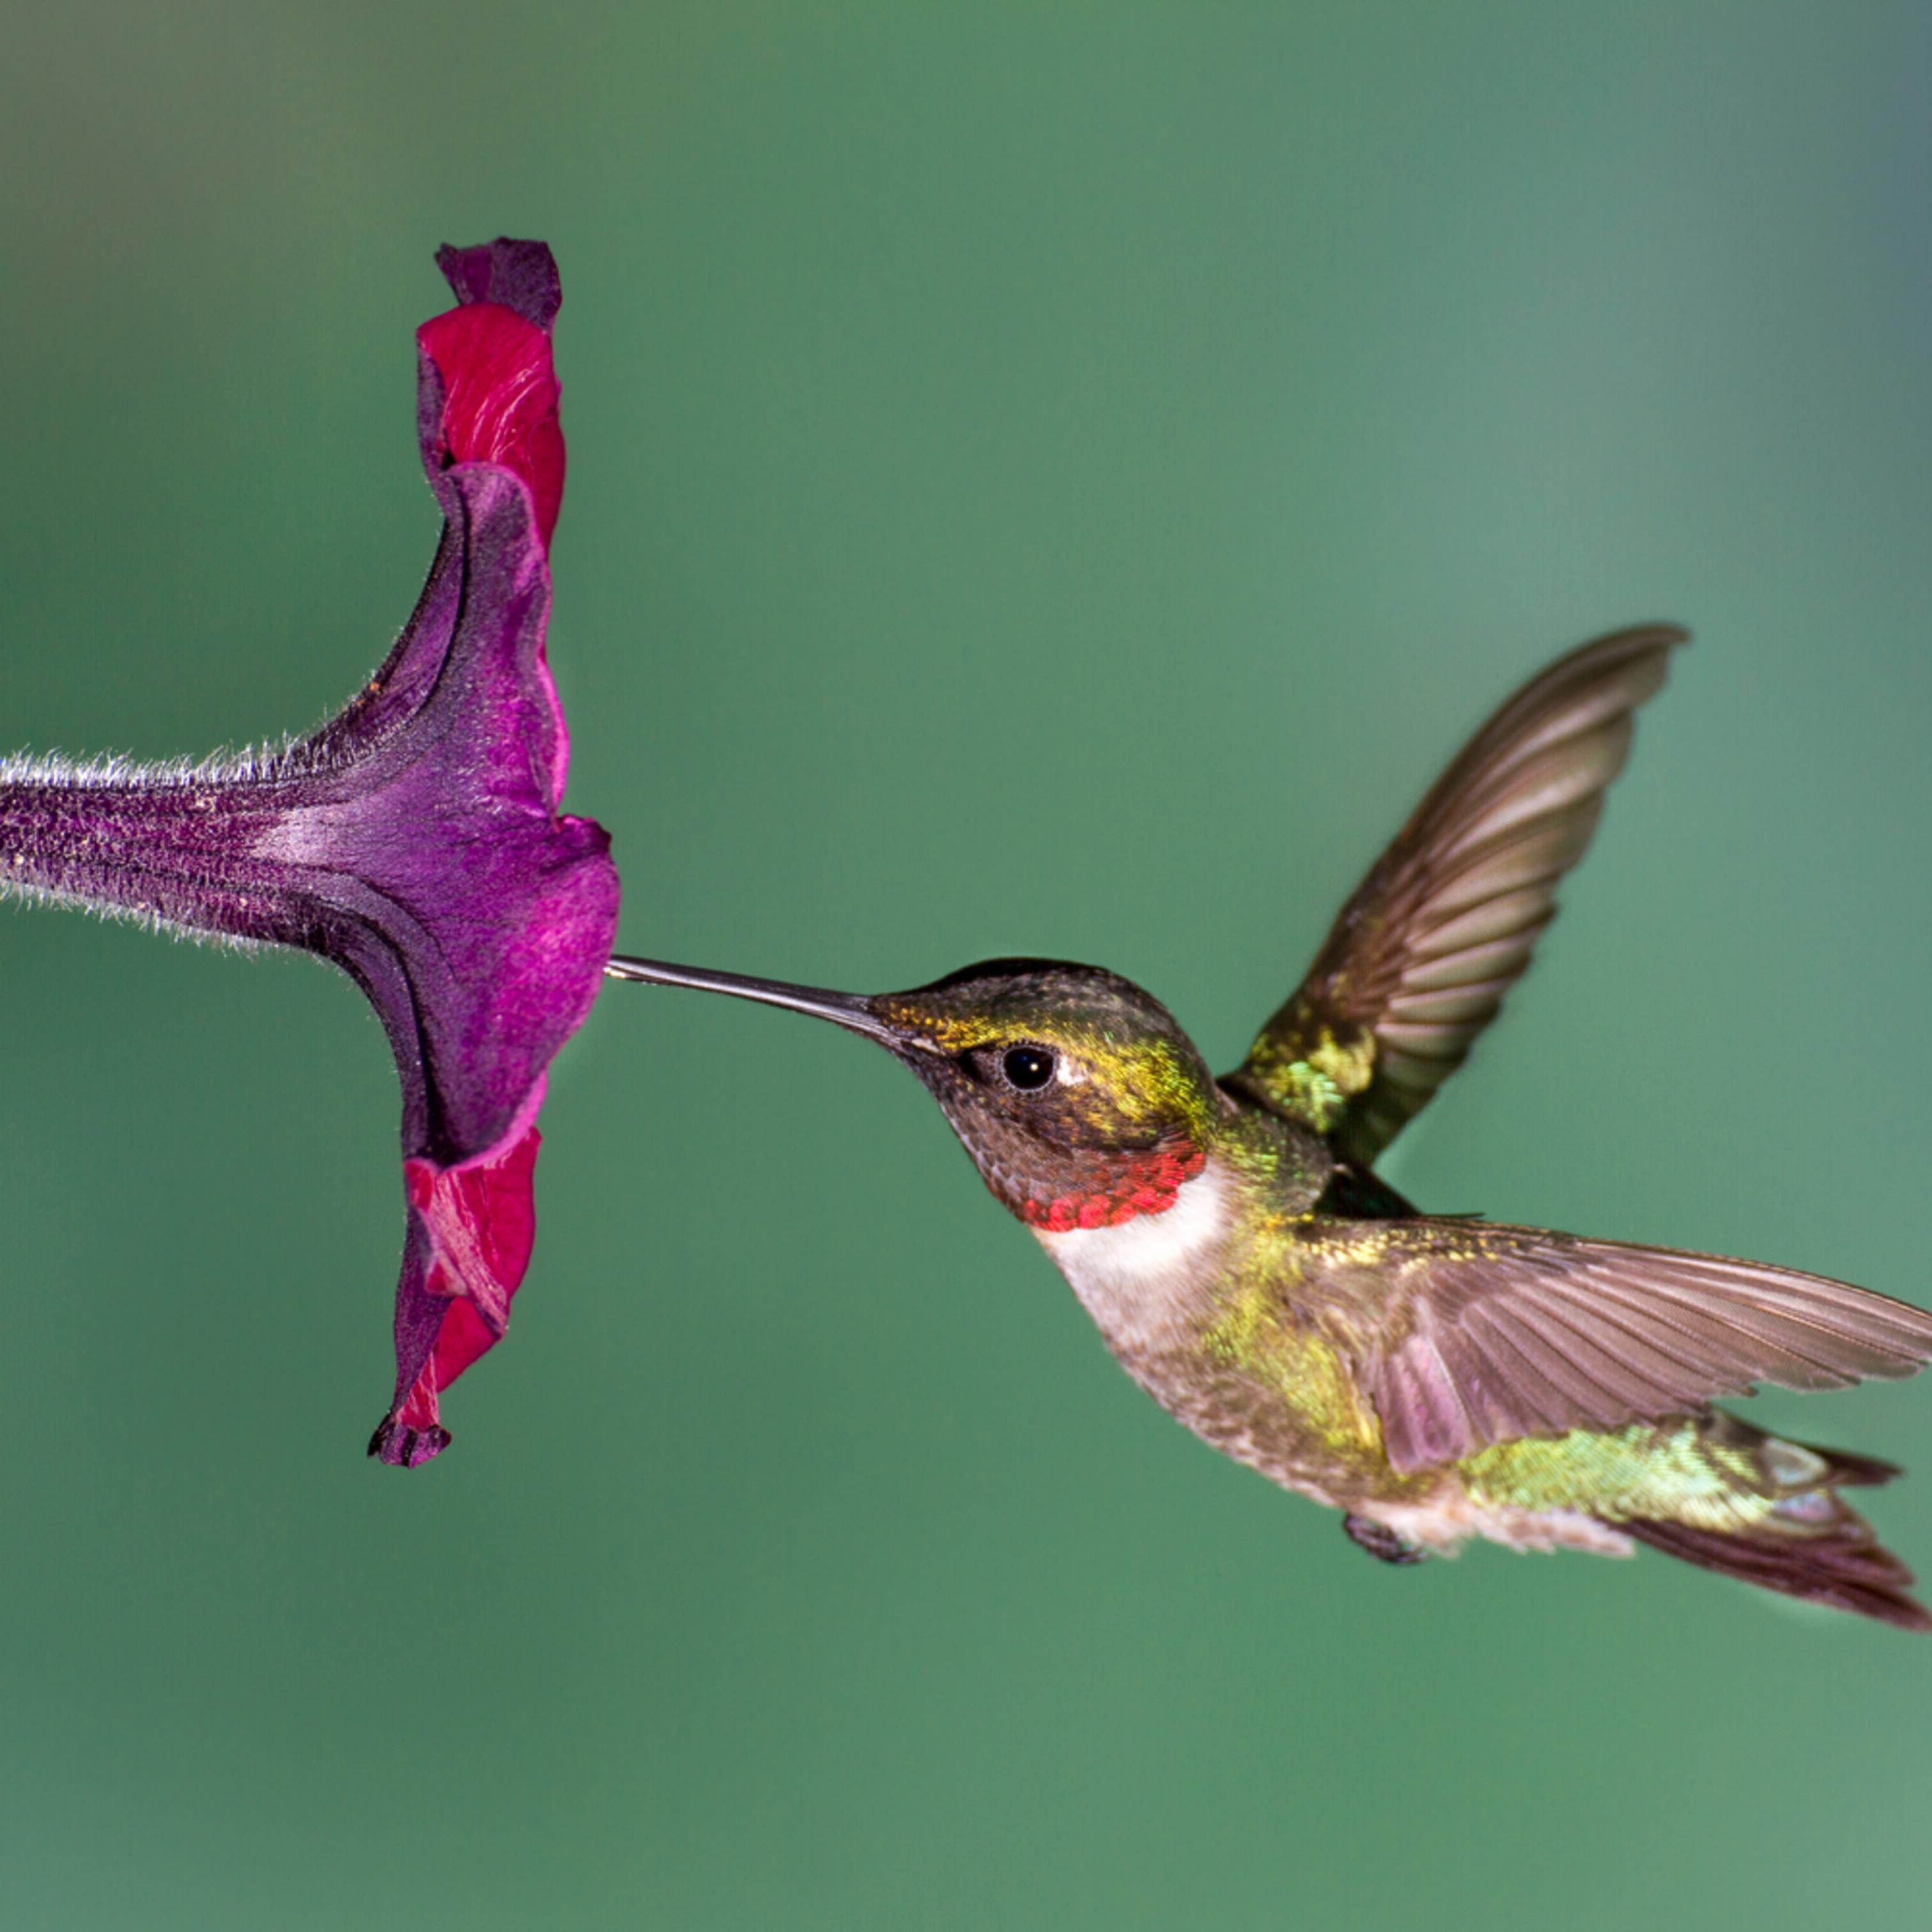 Forsyth county hummingbird cuda00 gz6c0e